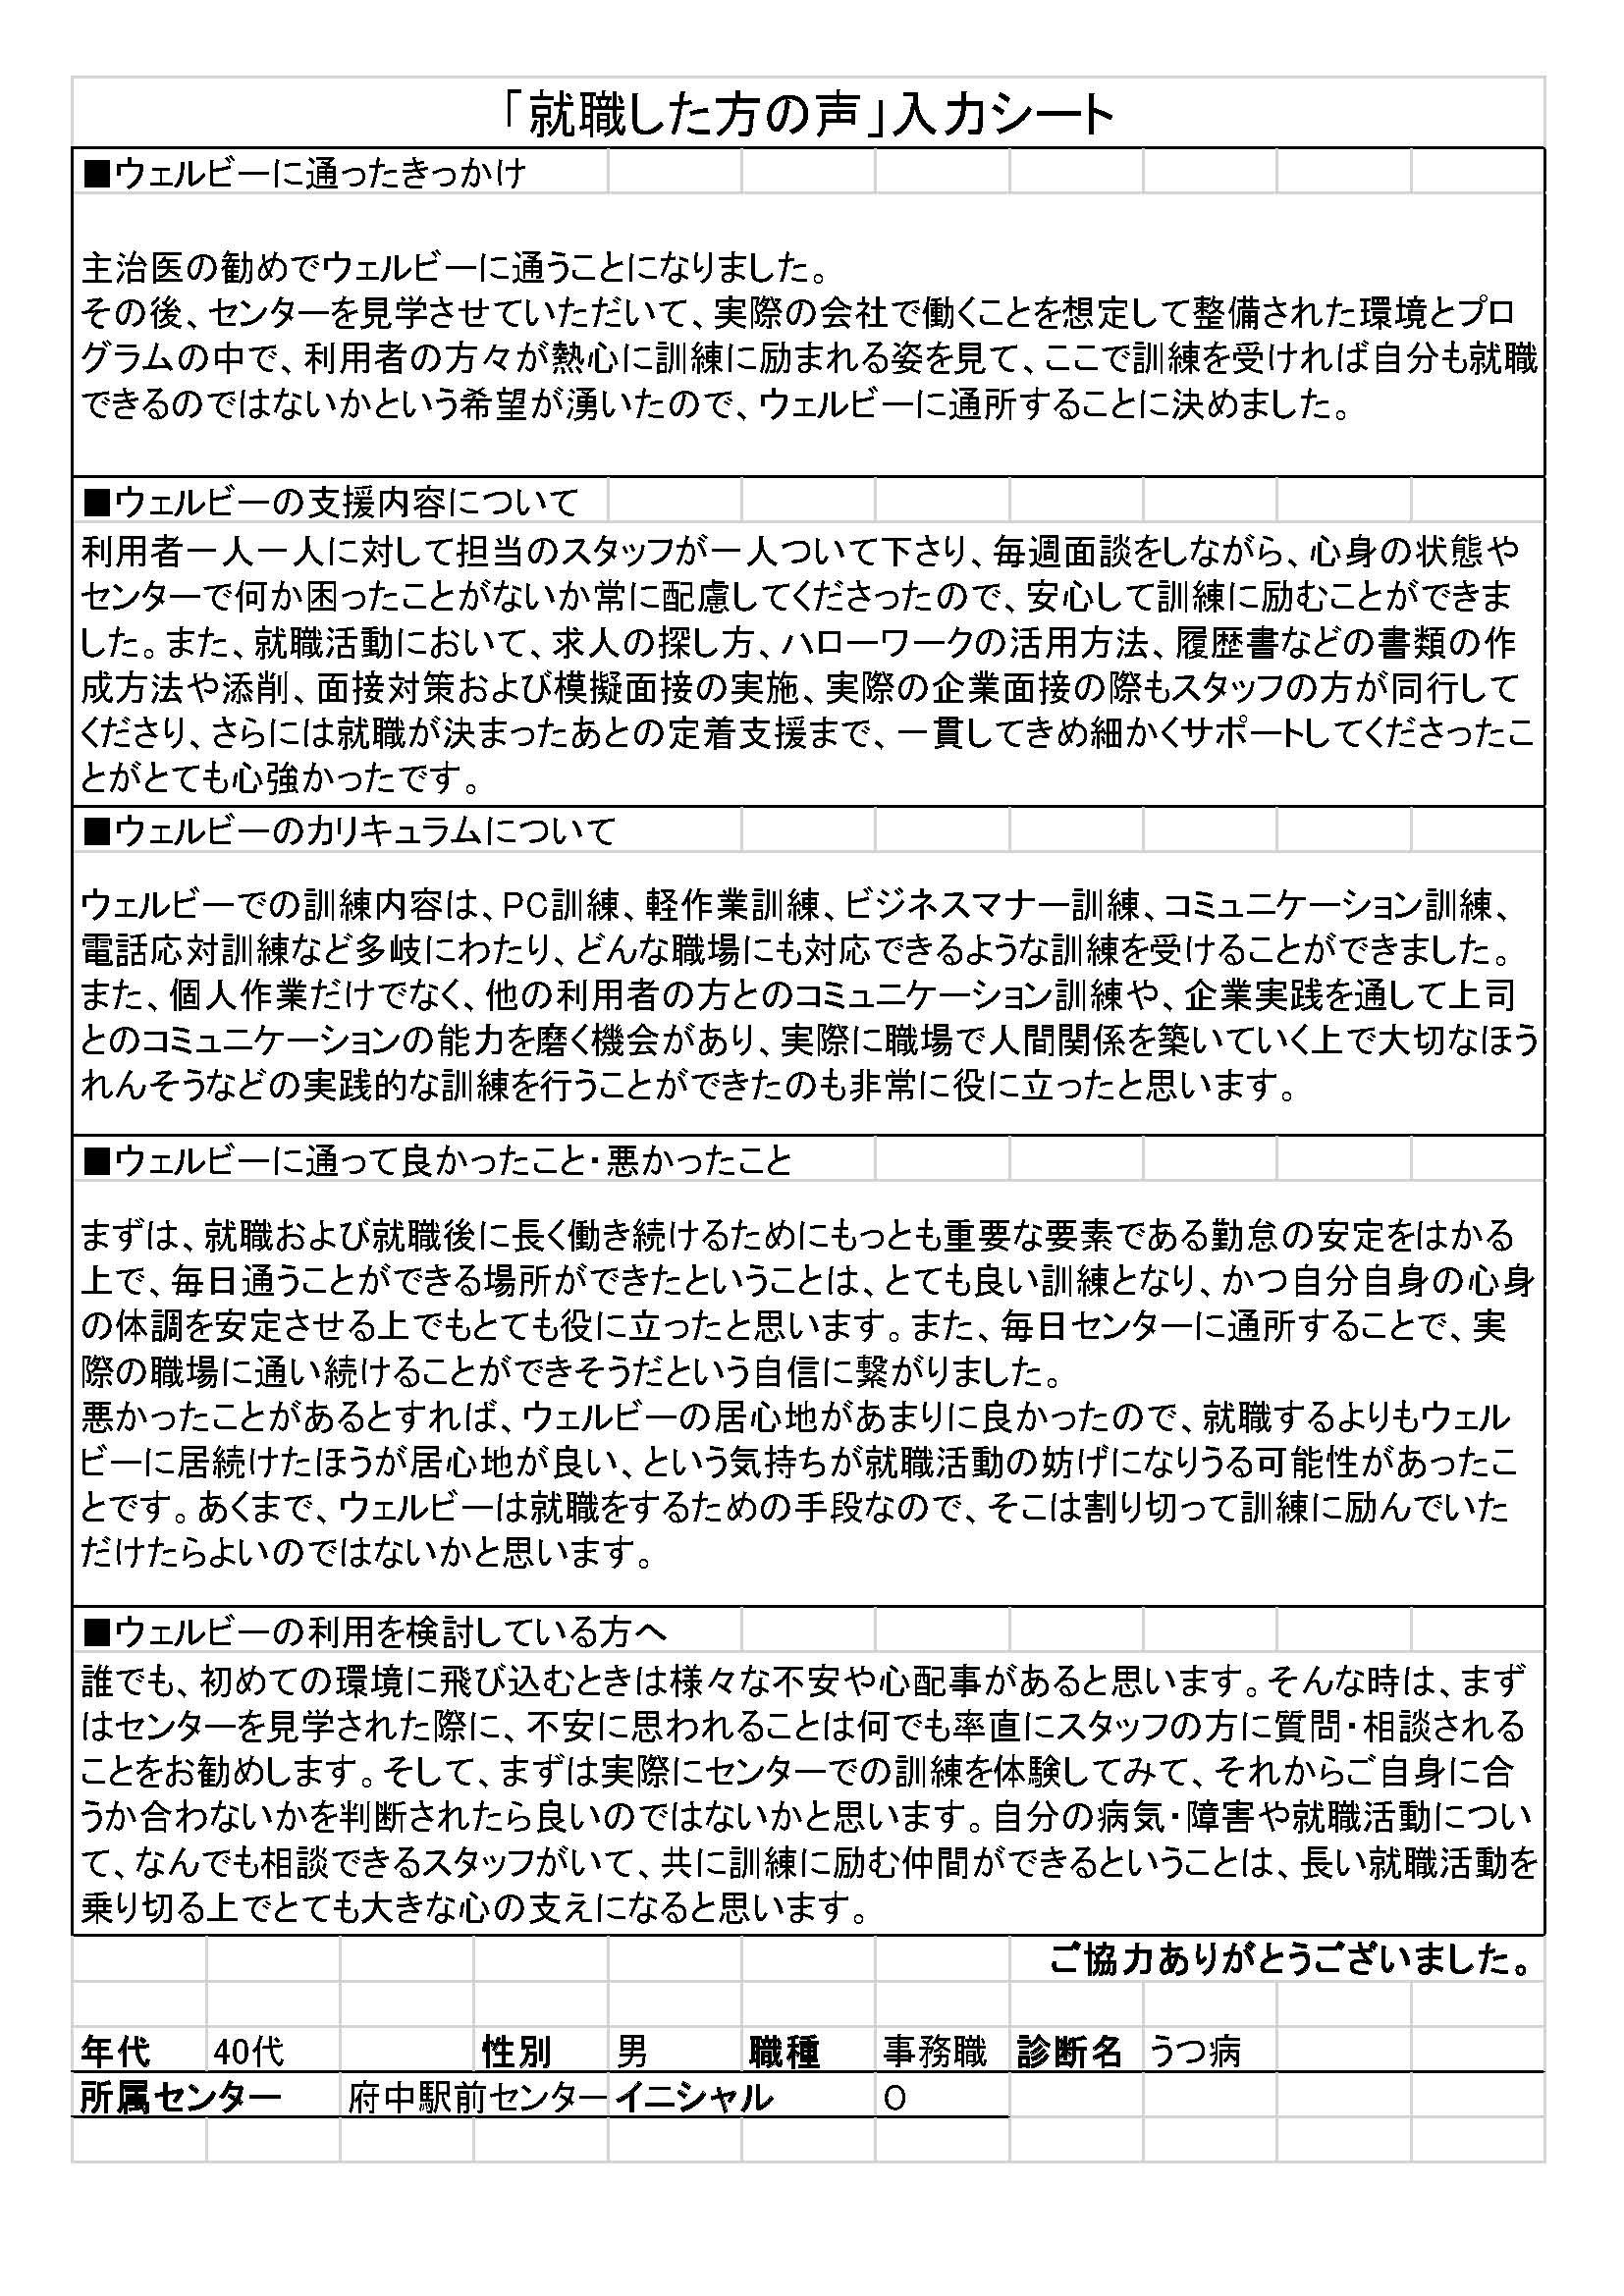 【W府中】ブログ内容20210615_ページ_2